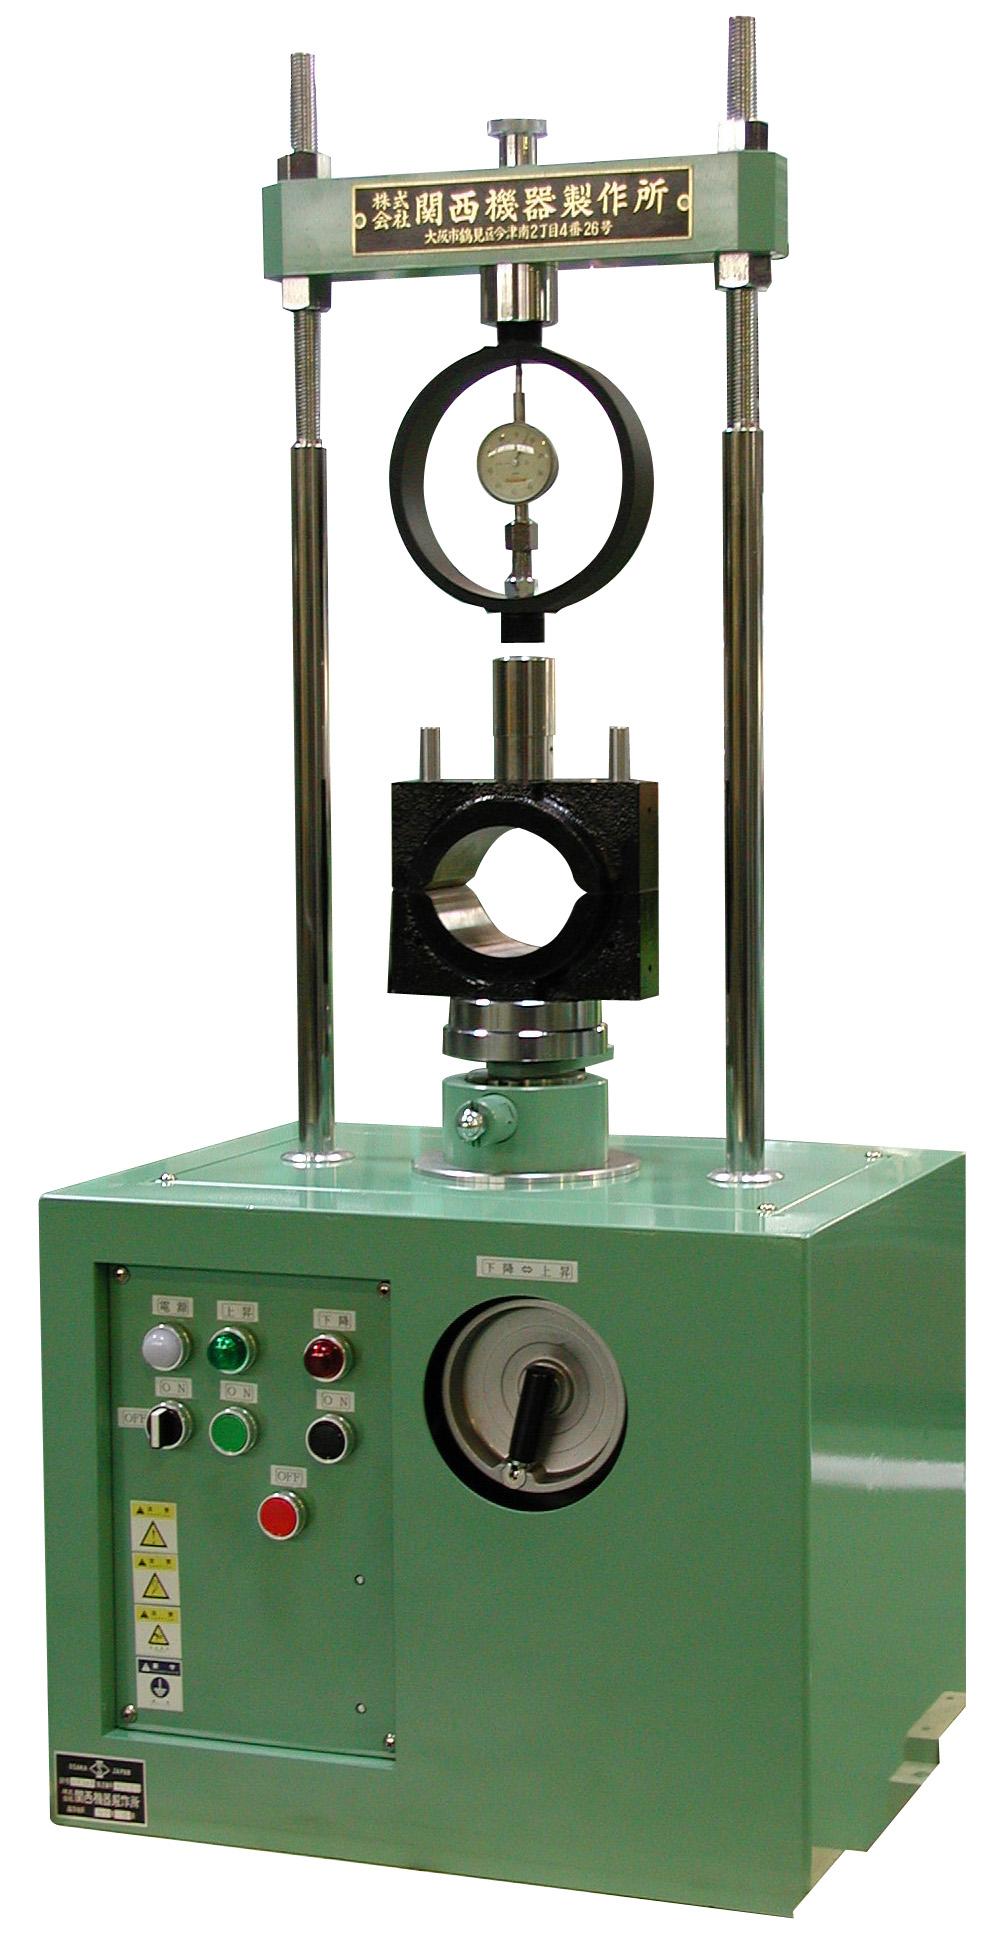 ボックス型マーシャル安定度試験装置